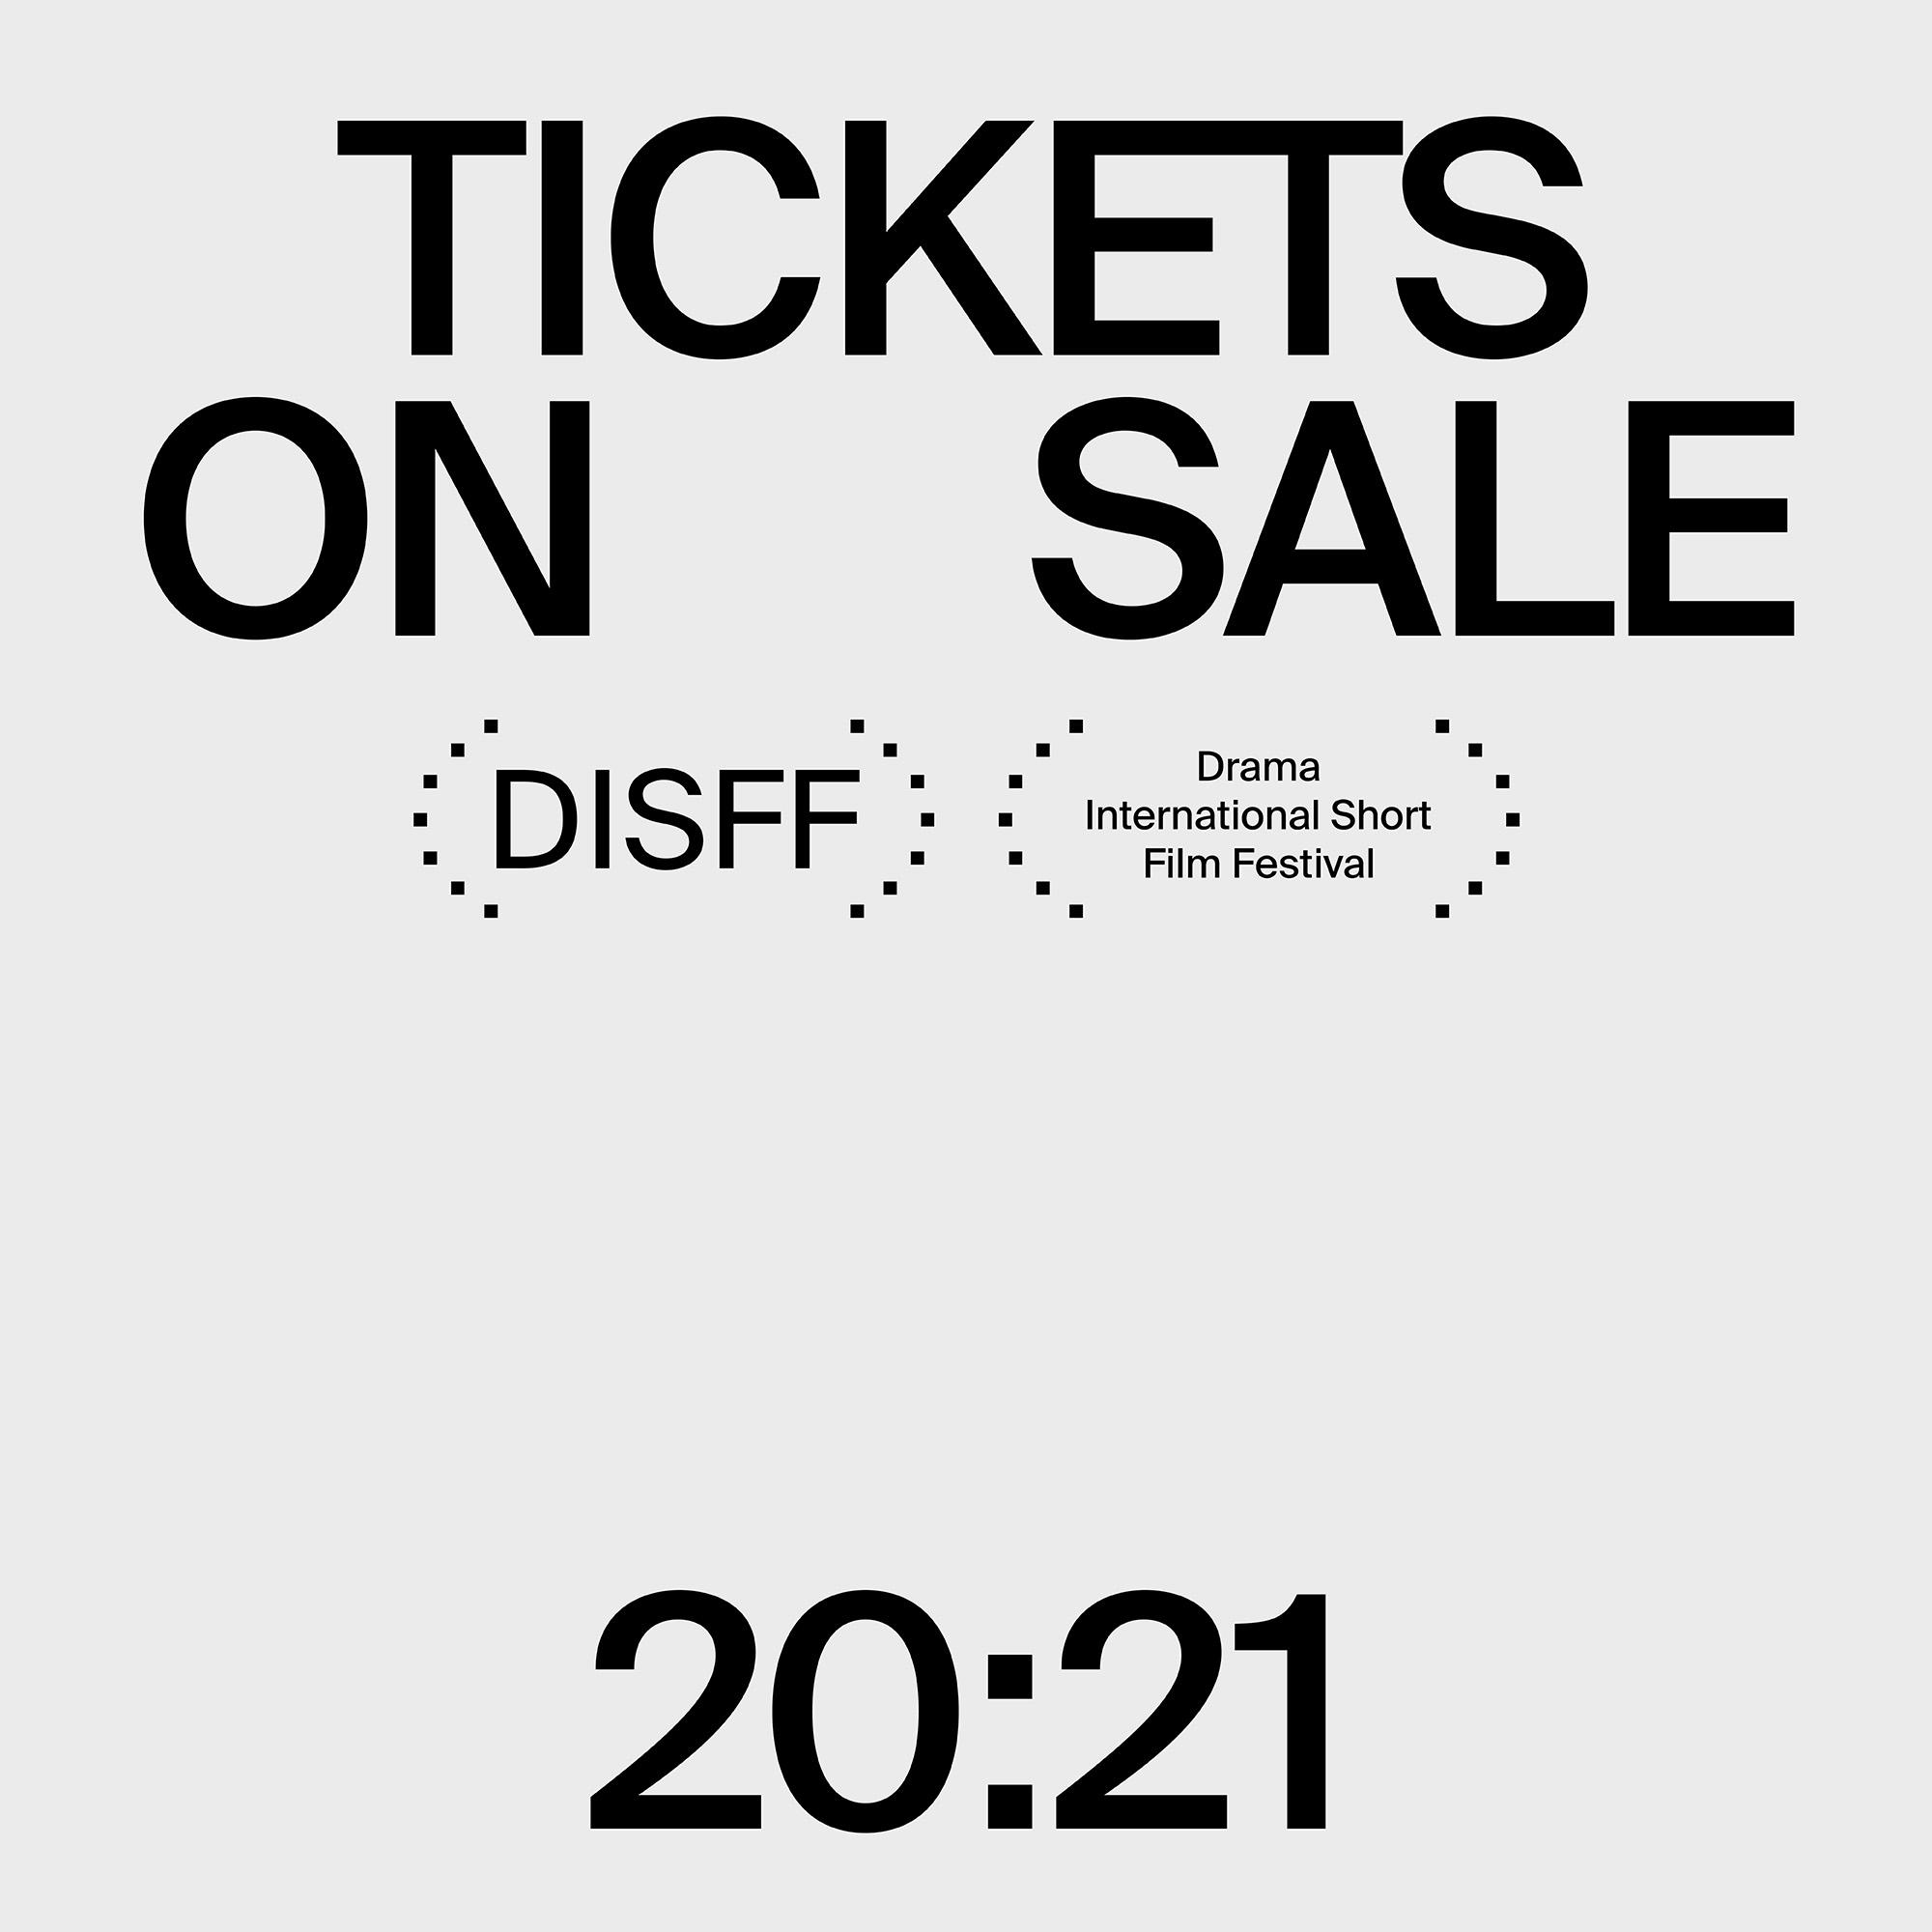 DISFF Tickets